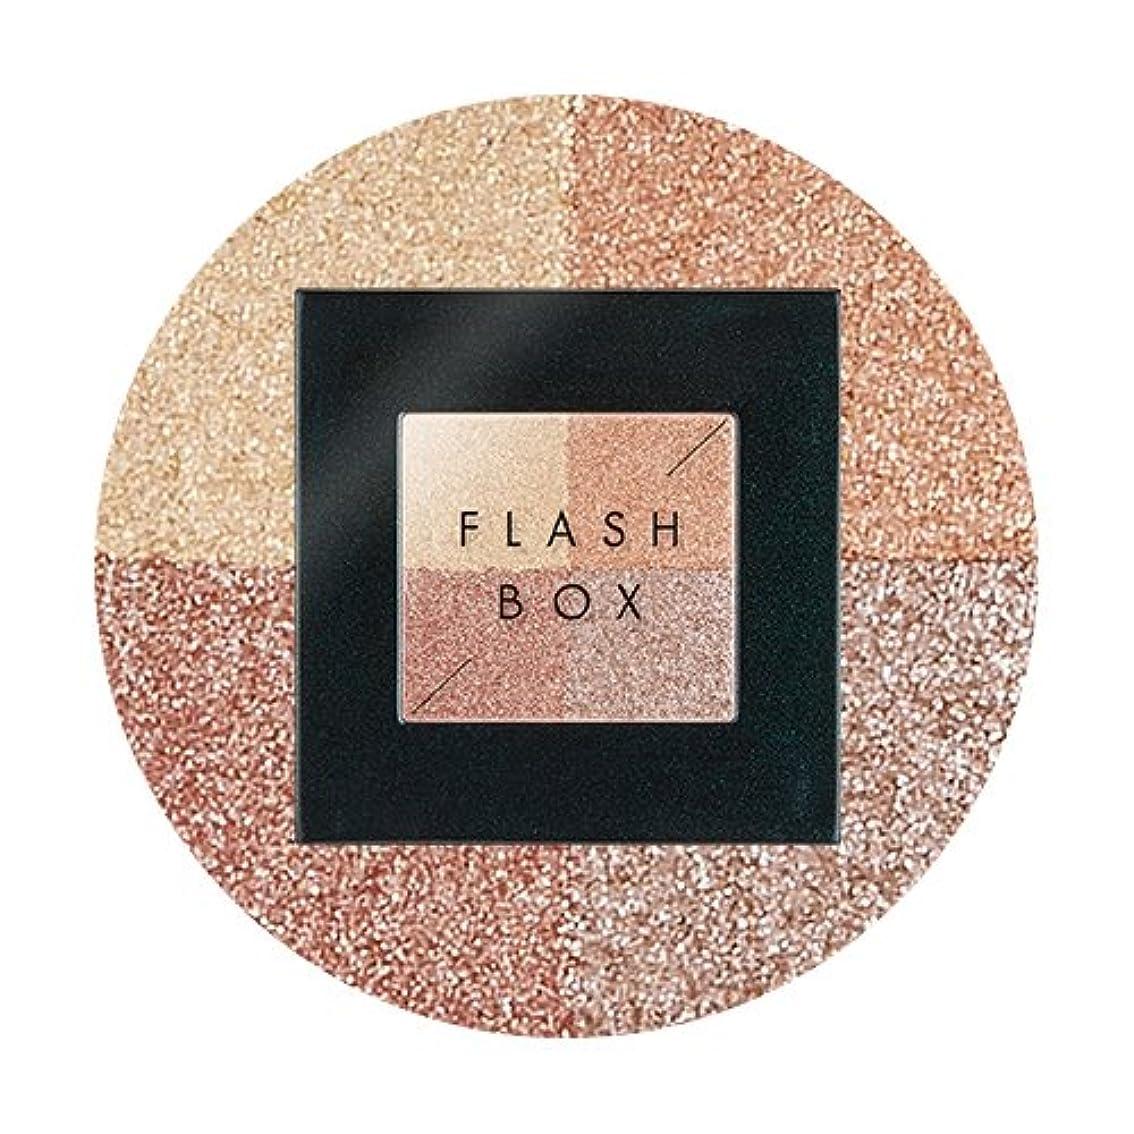 サラダ抜粋基礎APIEU Flash Box (#2 Lustering Time) / [アピュ/オピュ] フラッシュボックス [並行輸入品]